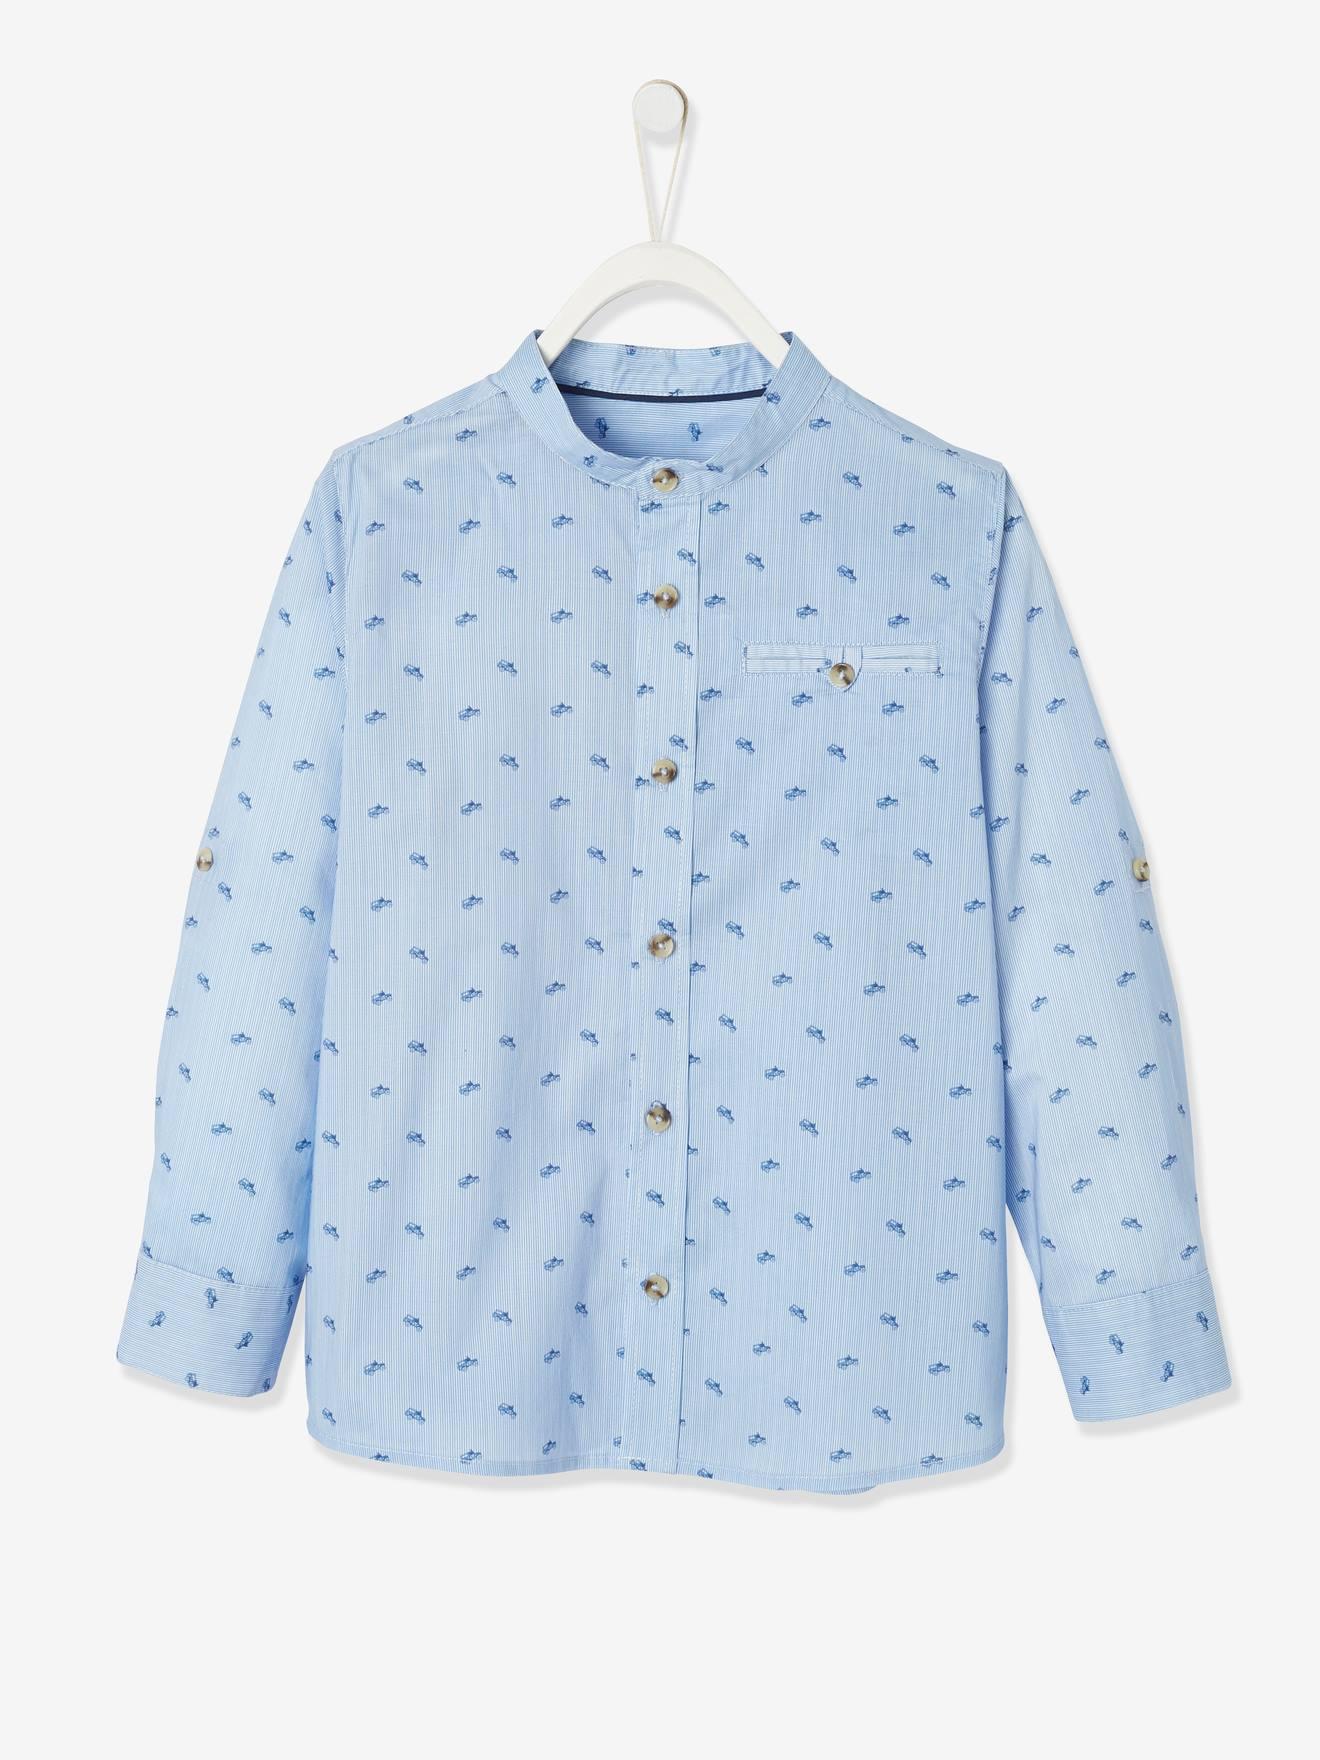 Boys clothes Next Vertbaudet Age 7 Excellent Condition